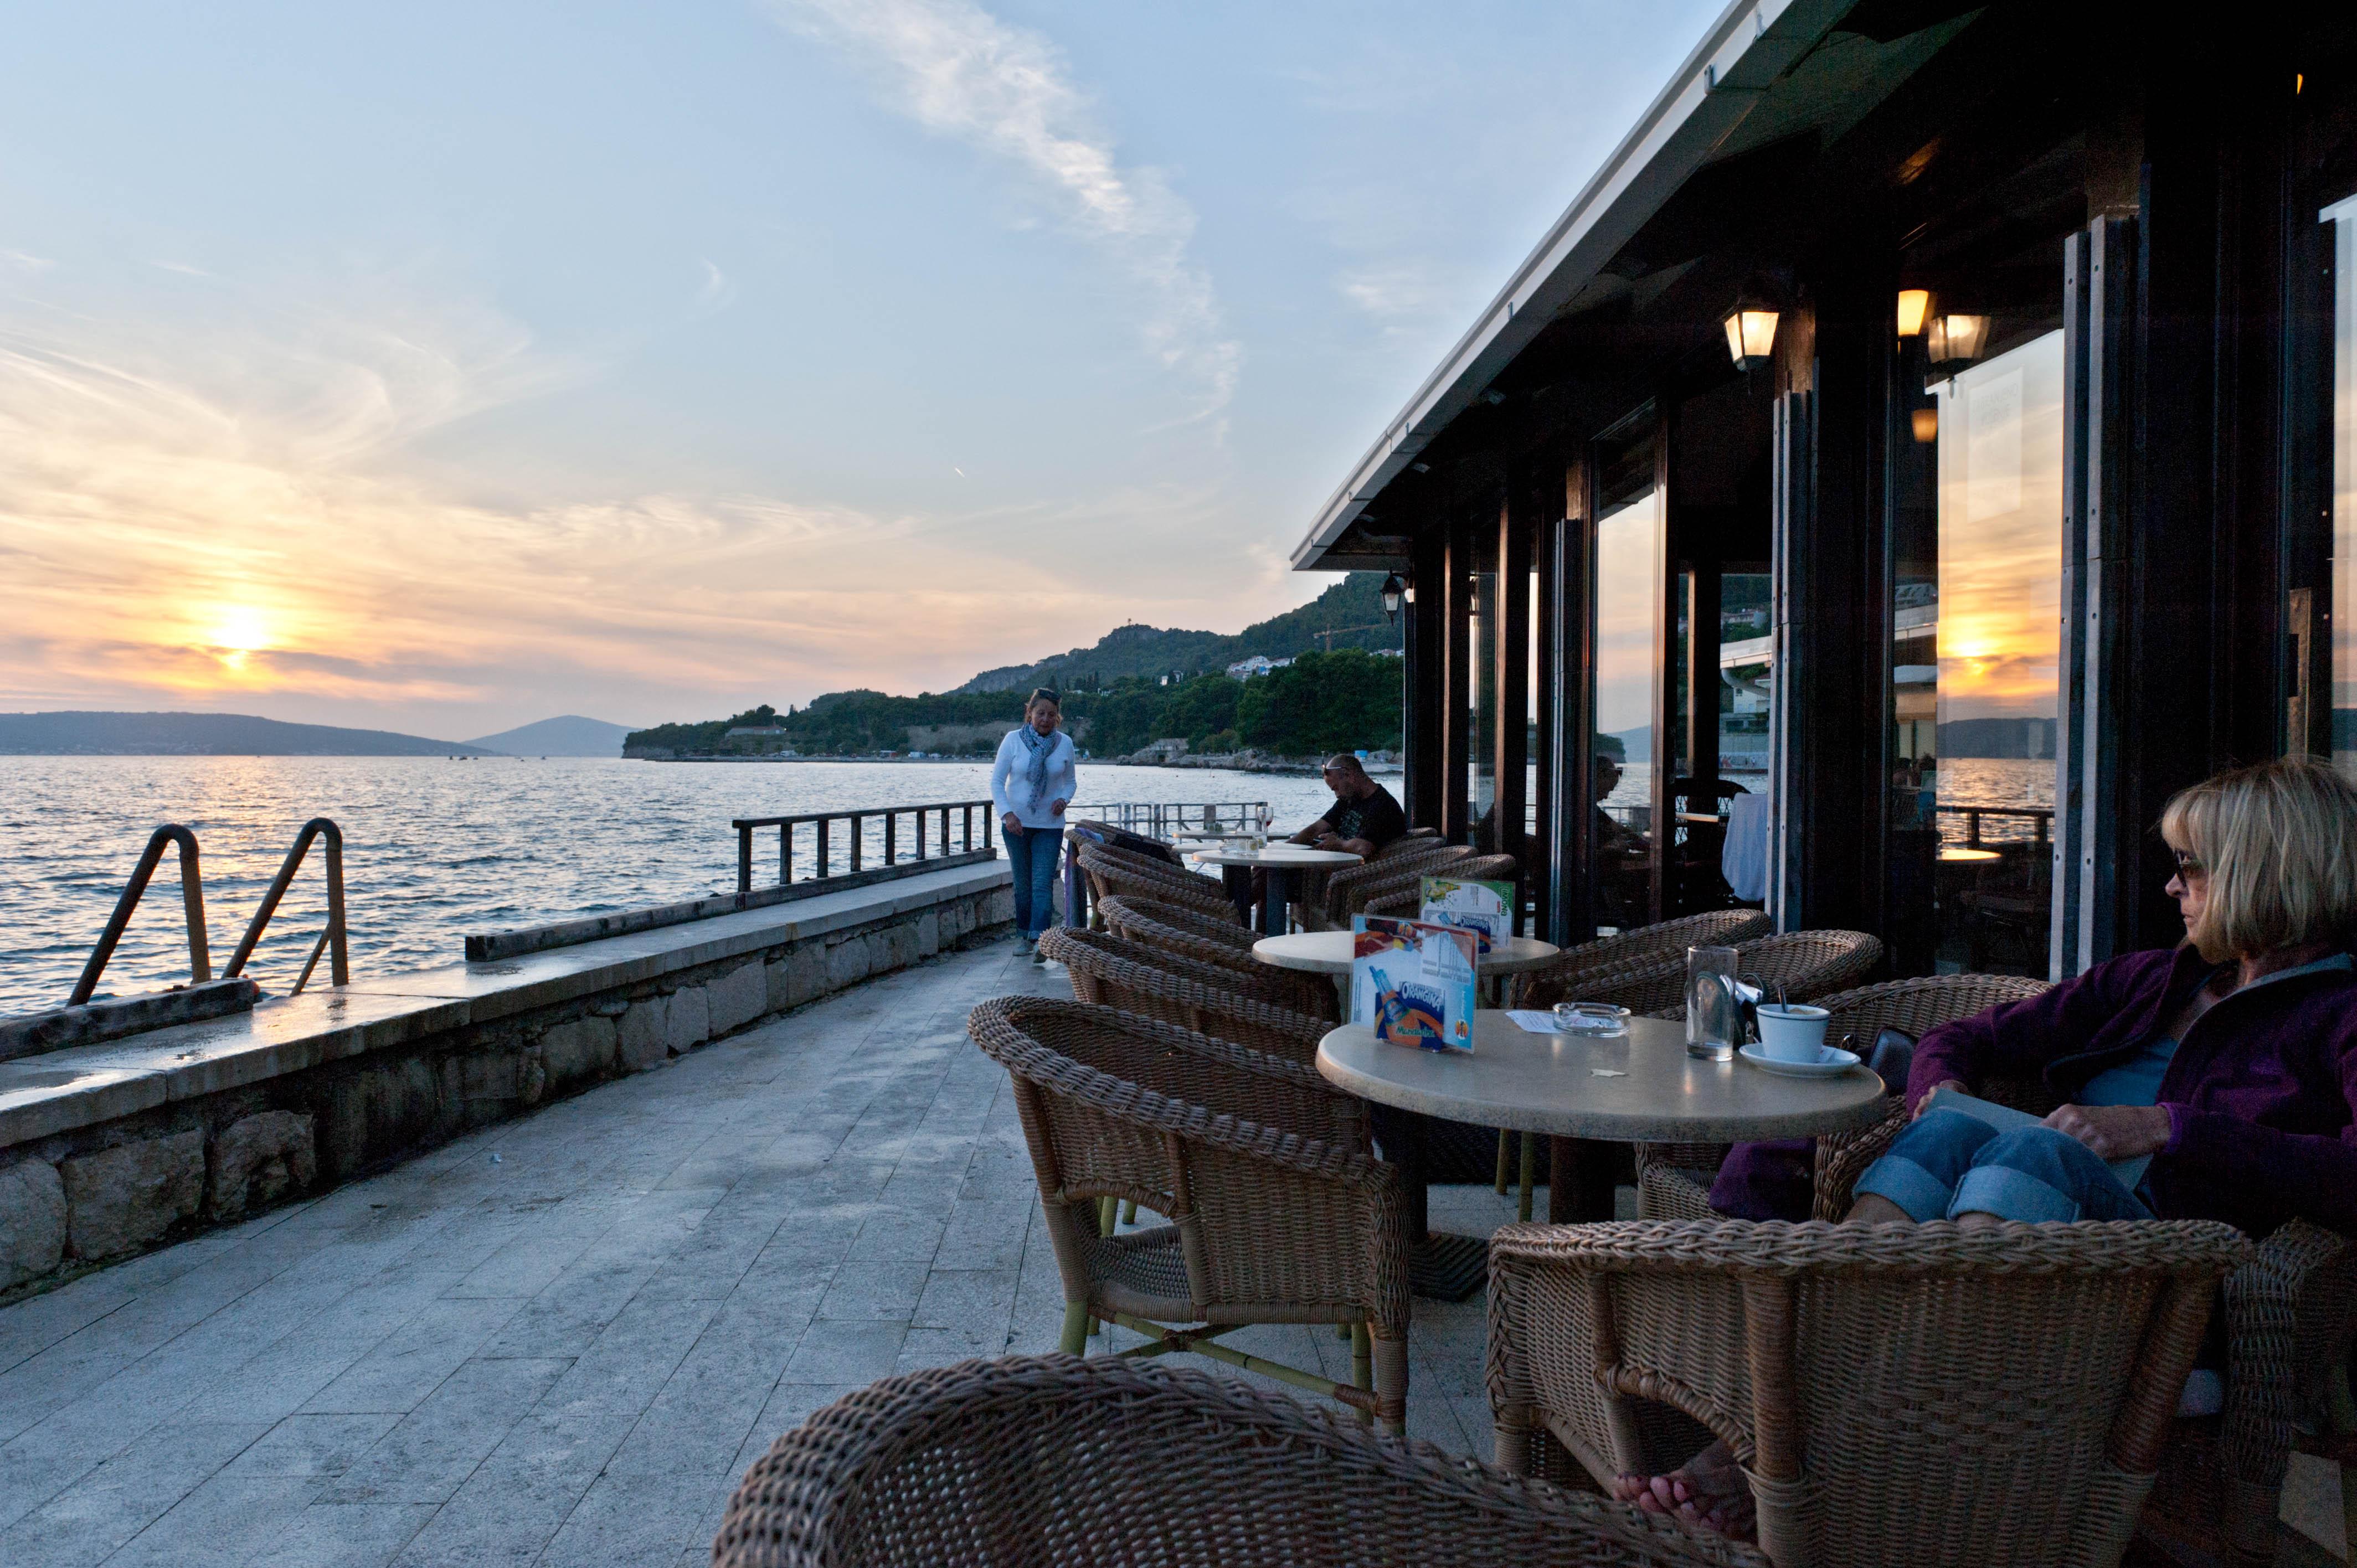 0331-Split - Jadran Balunjeri club house (Dalmatie centrale)